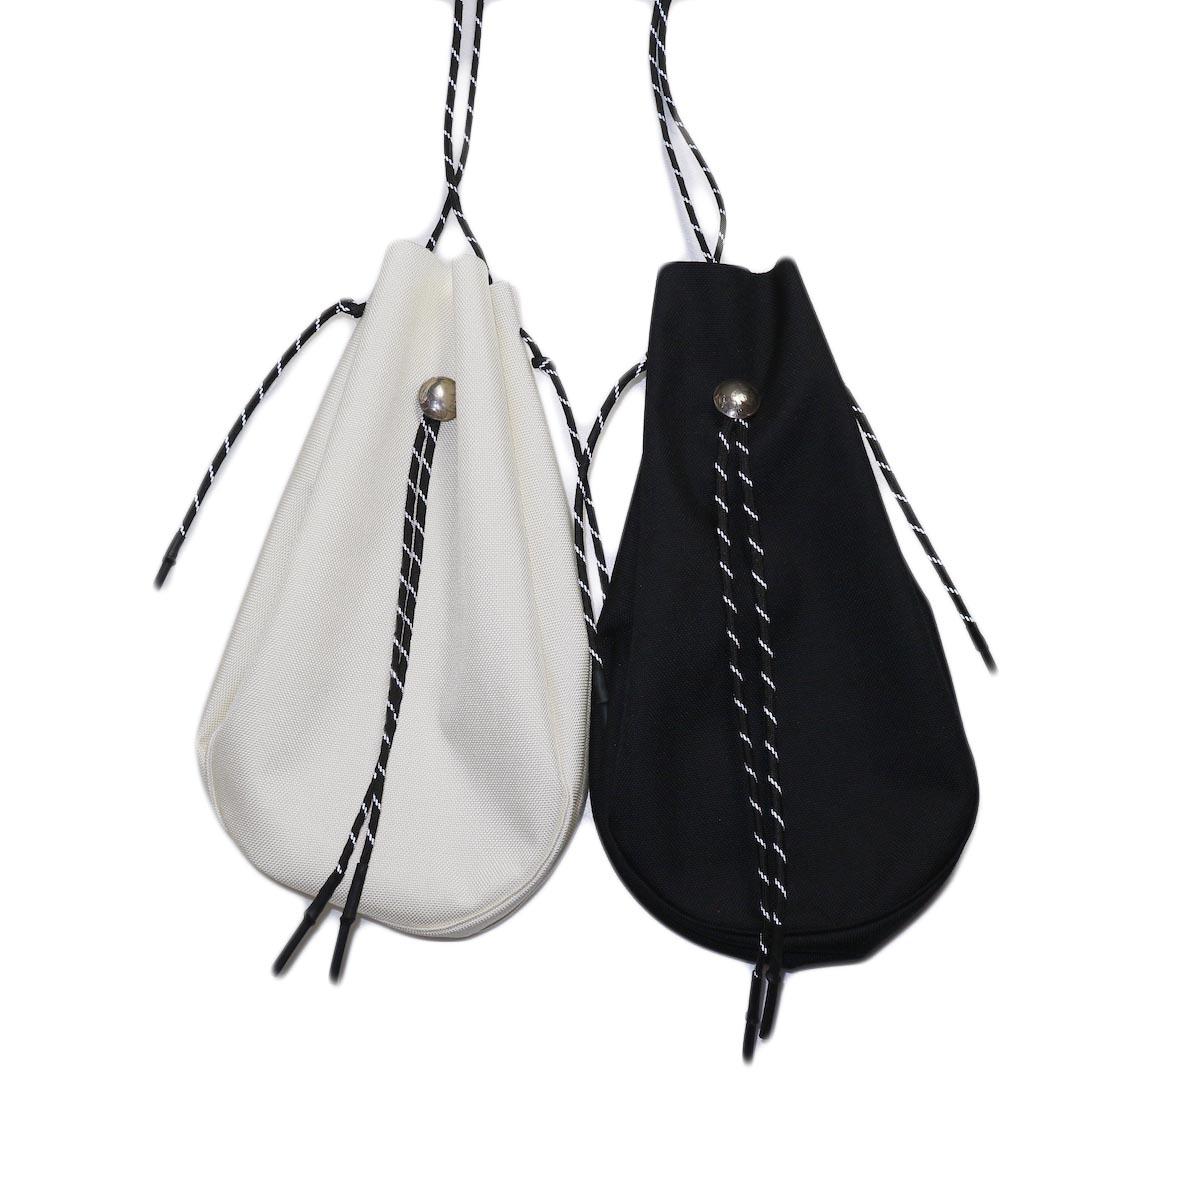 吉岡衣料店 / drawstring bag -L-. w/concho. 2色